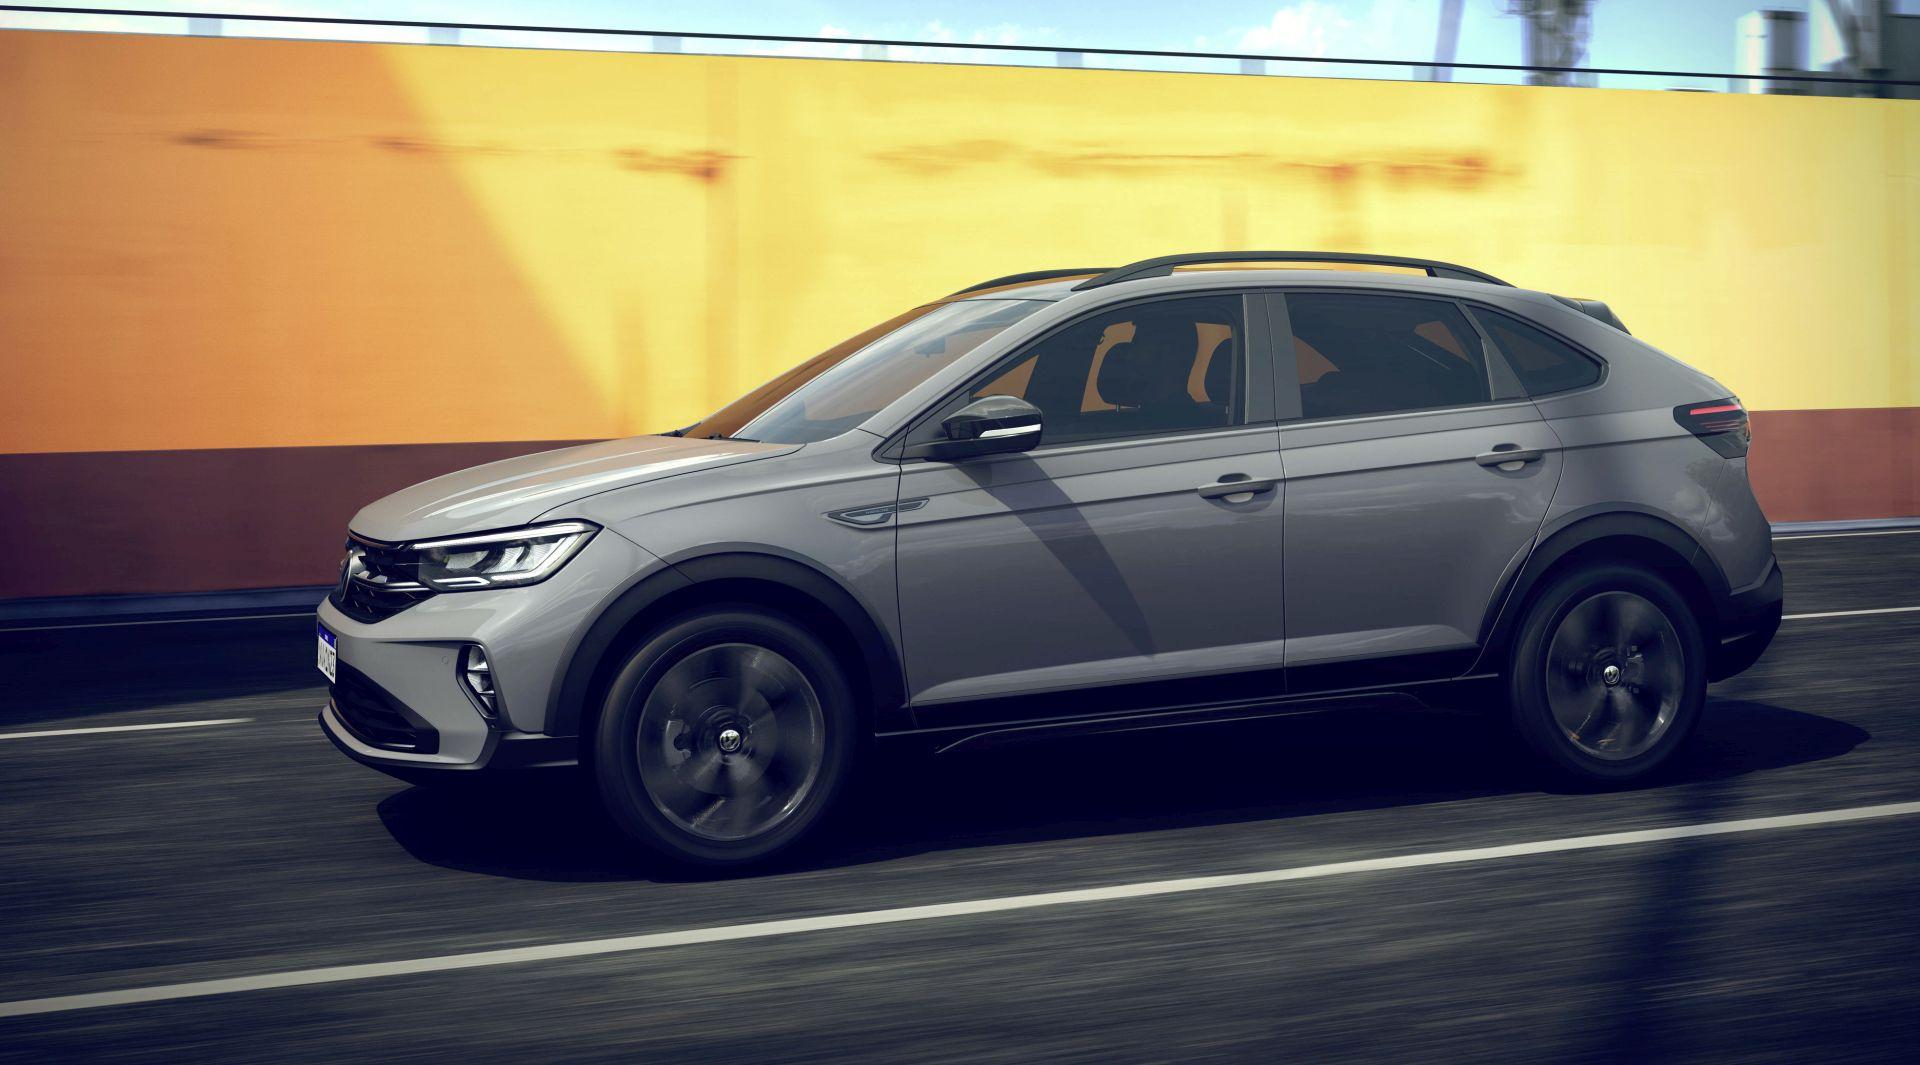 Nakon Južne Amerike, Volkswagen Nivus do kraja godine stiže i u Europu